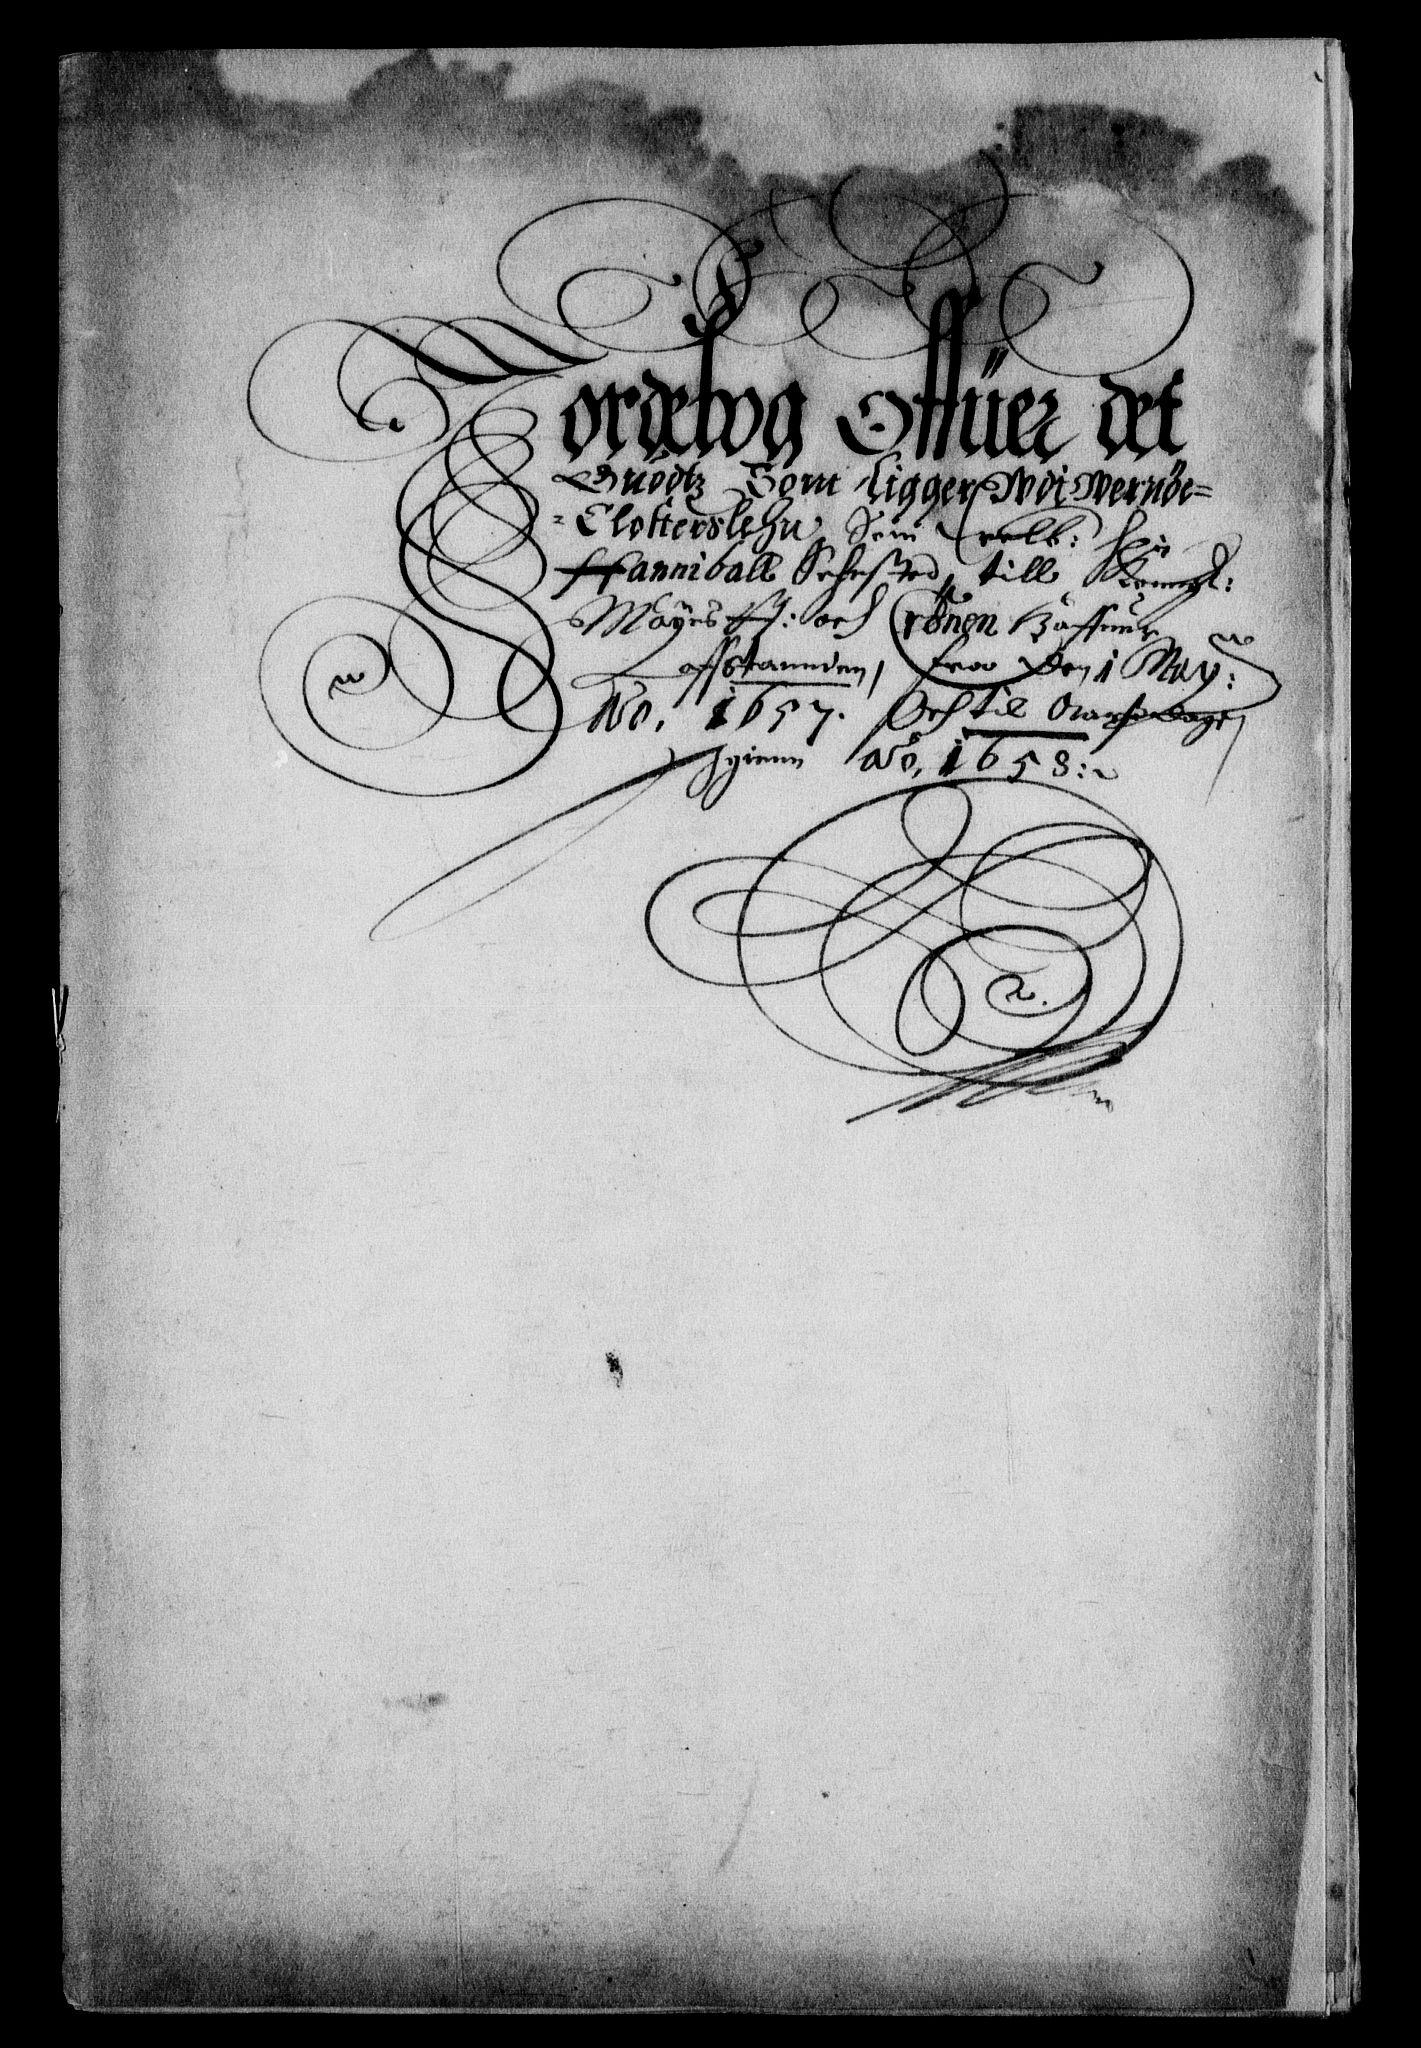 RA, Rentekammeret inntil 1814, Realistisk ordnet avdeling, On/L0007: [Jj 8]: Jordebøker og dokumenter innlevert til kongelig kommisjon 1672: Verne klosters gods, 1658-1672, s. 11